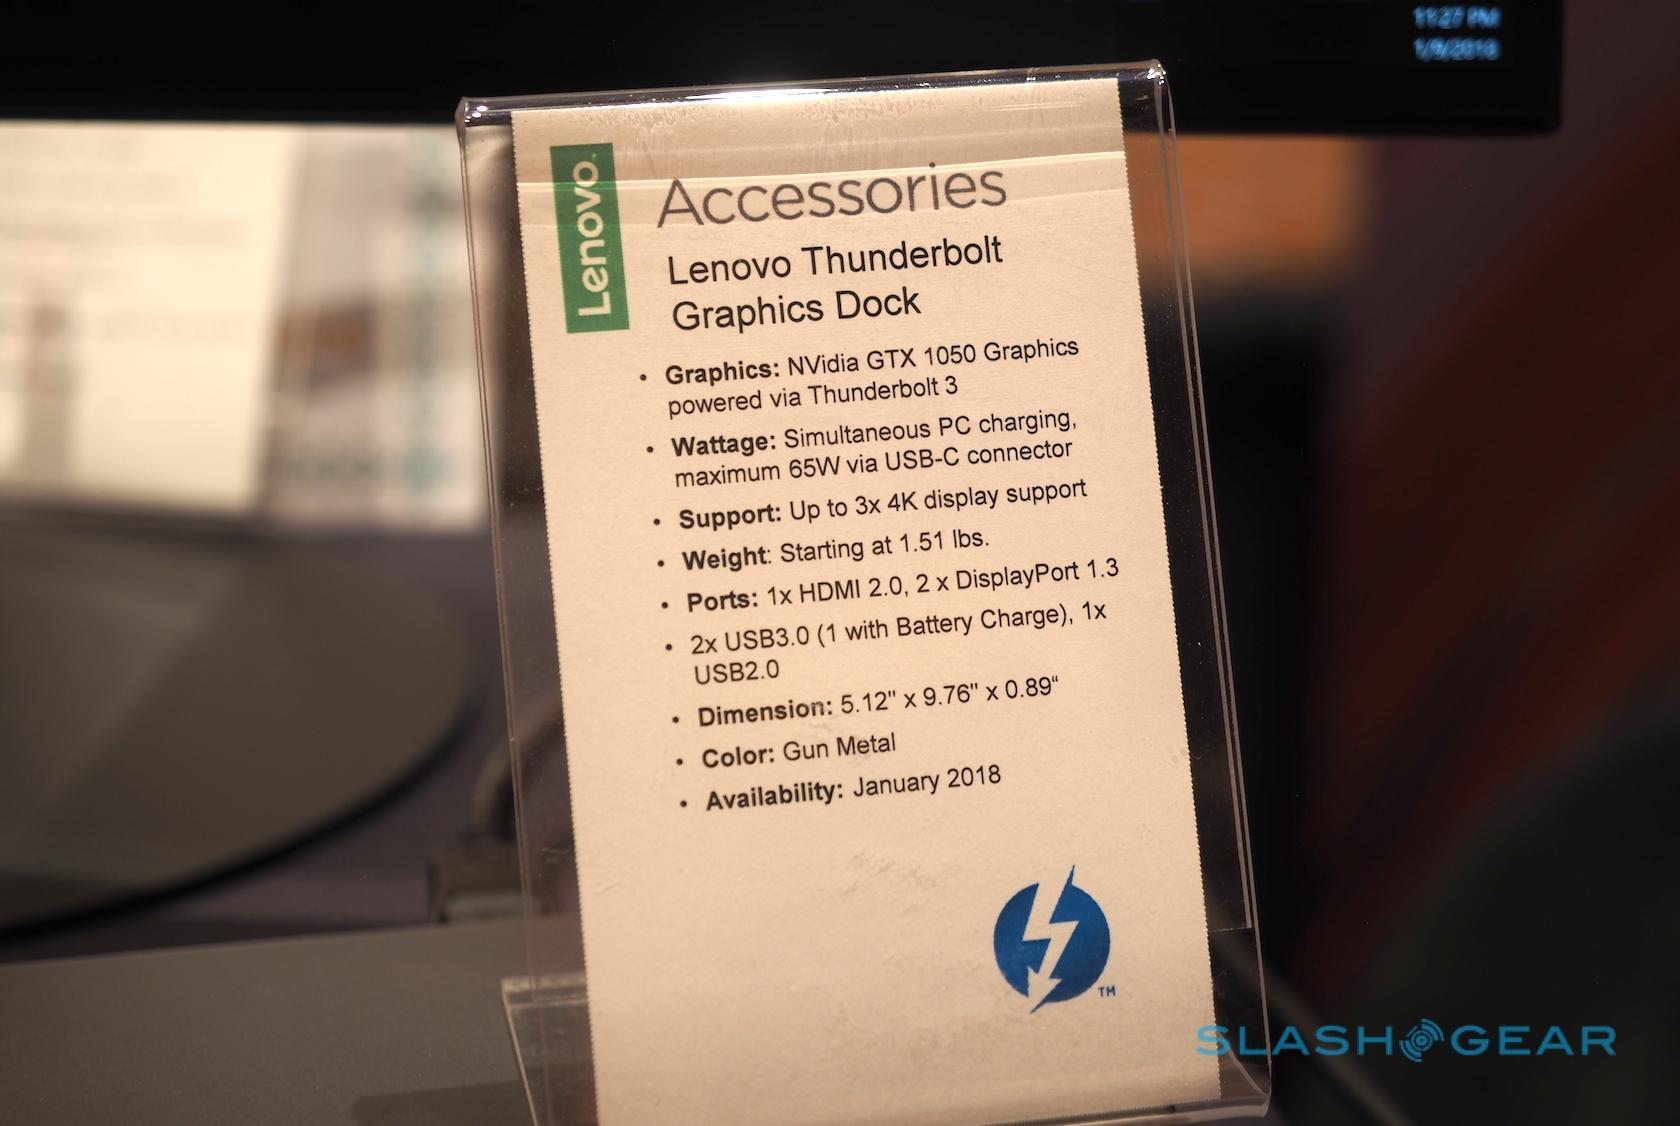 Lenovo Thunderbolt 3 Graphics Dock runs Windows Mixed Reality